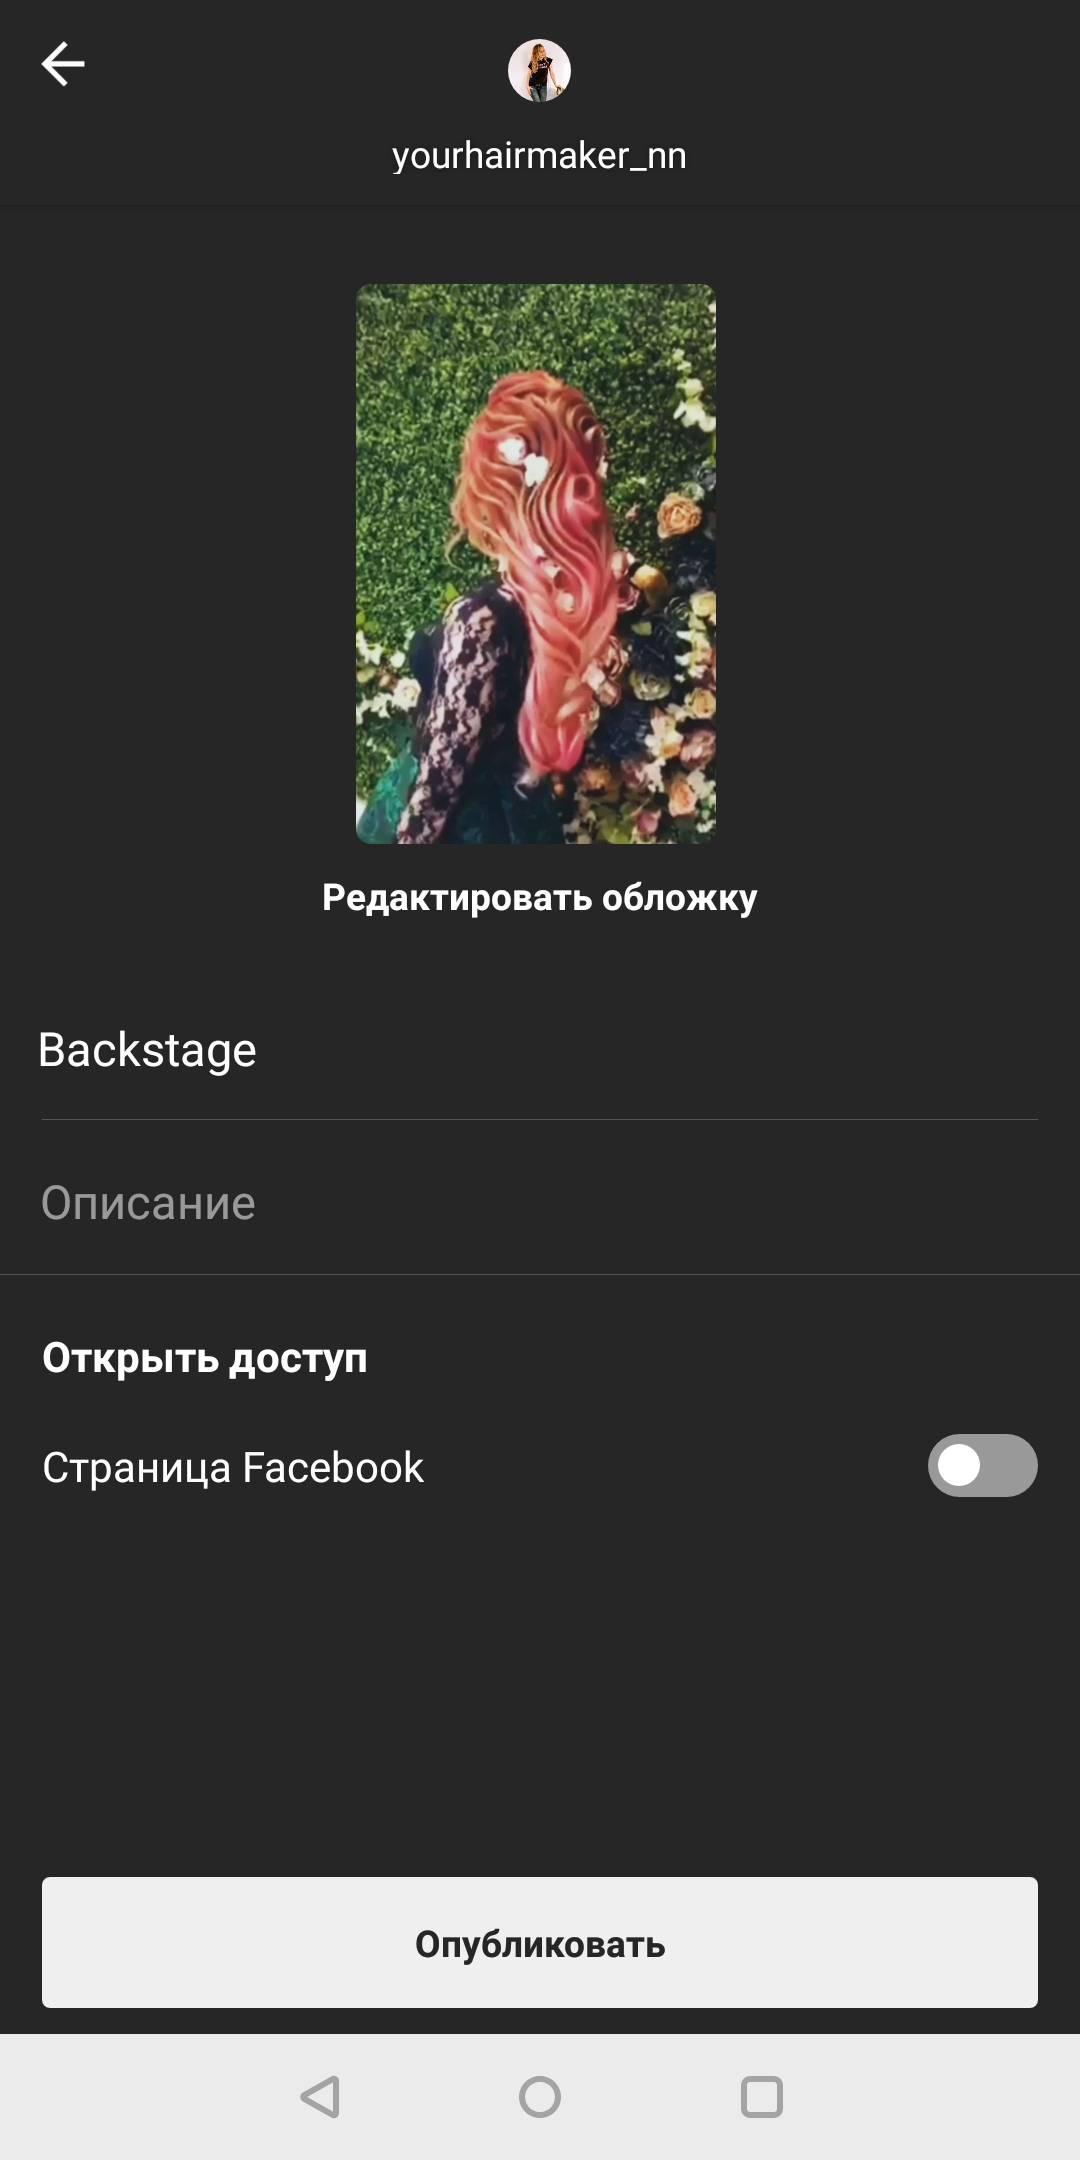 Igtv в инстаграм, преимущества формата, требования к видео